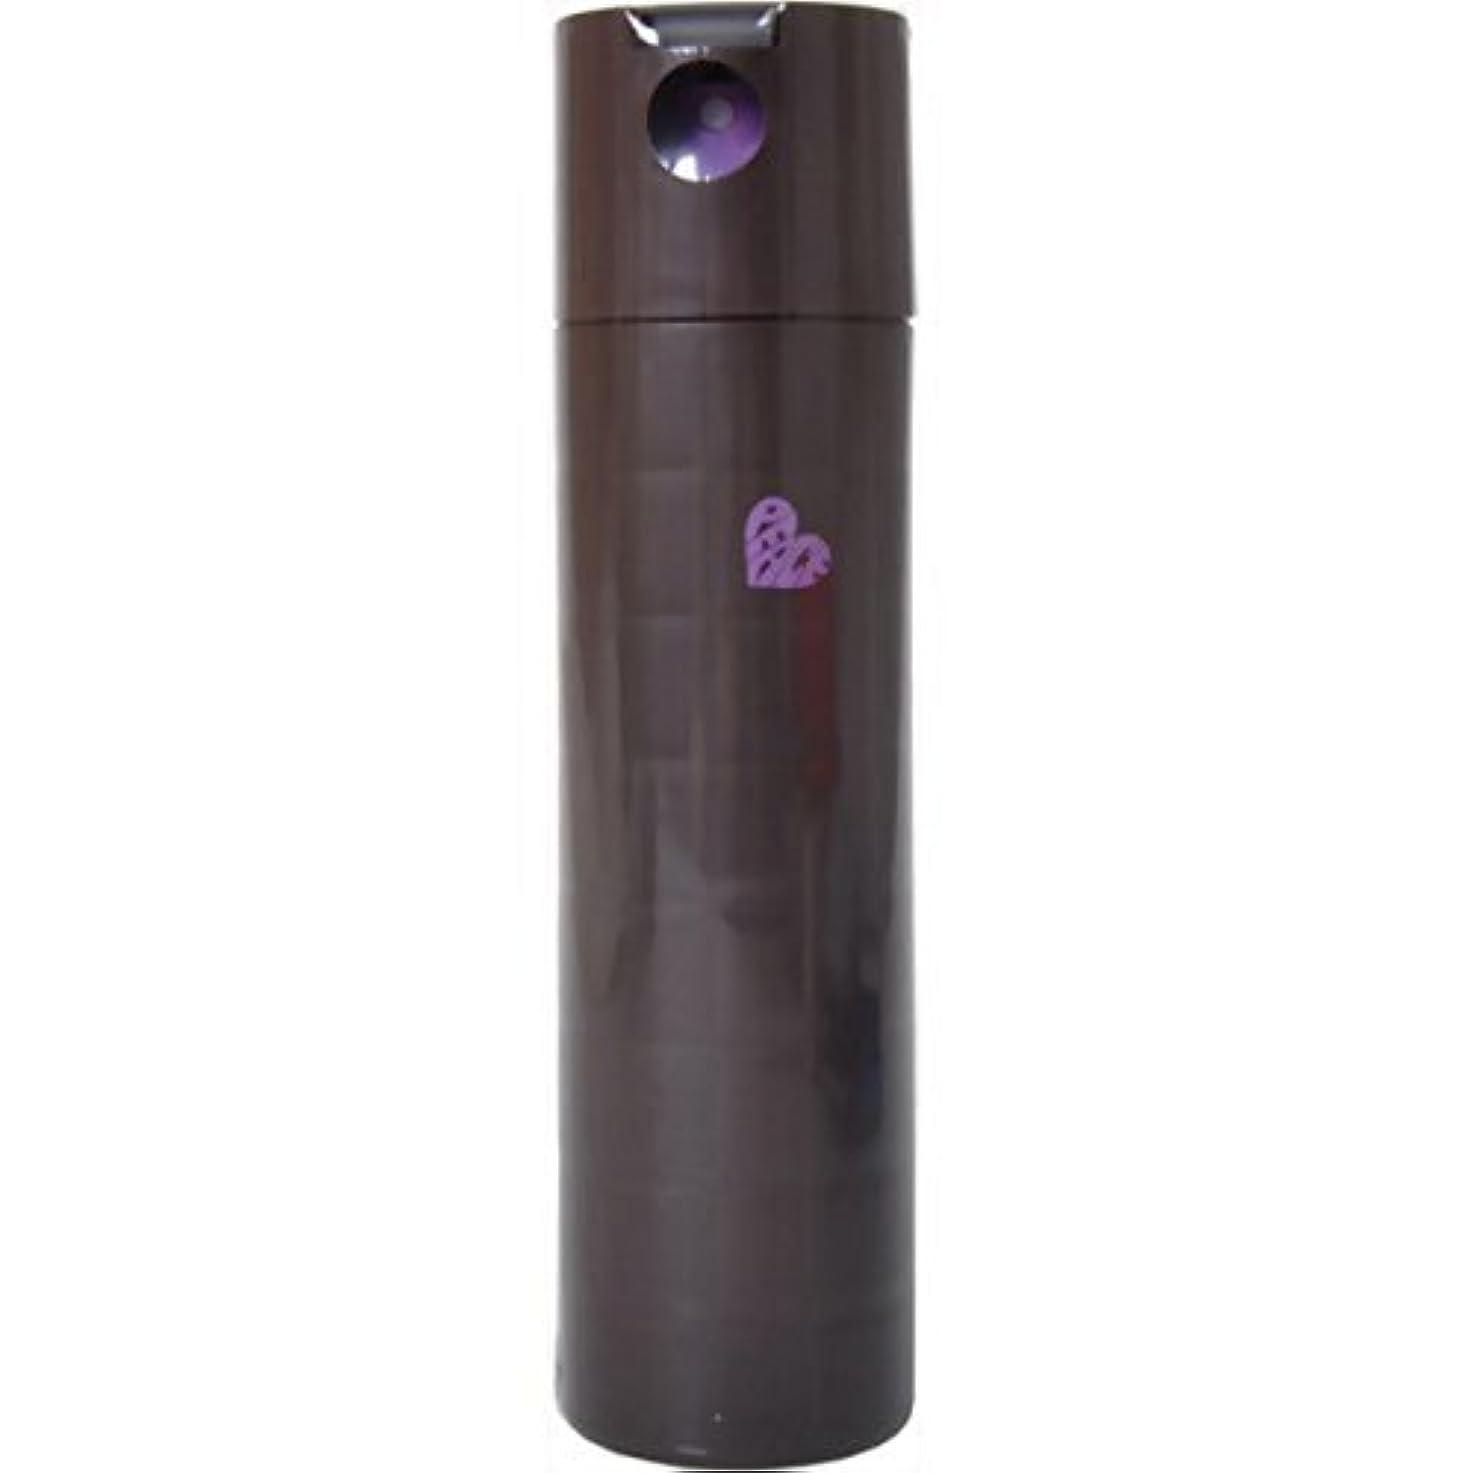 事実上思い出させるインシデントアリミノ ピース カールspray チョコ 138g(200ml) スプレーライン ARIMINO PEACE